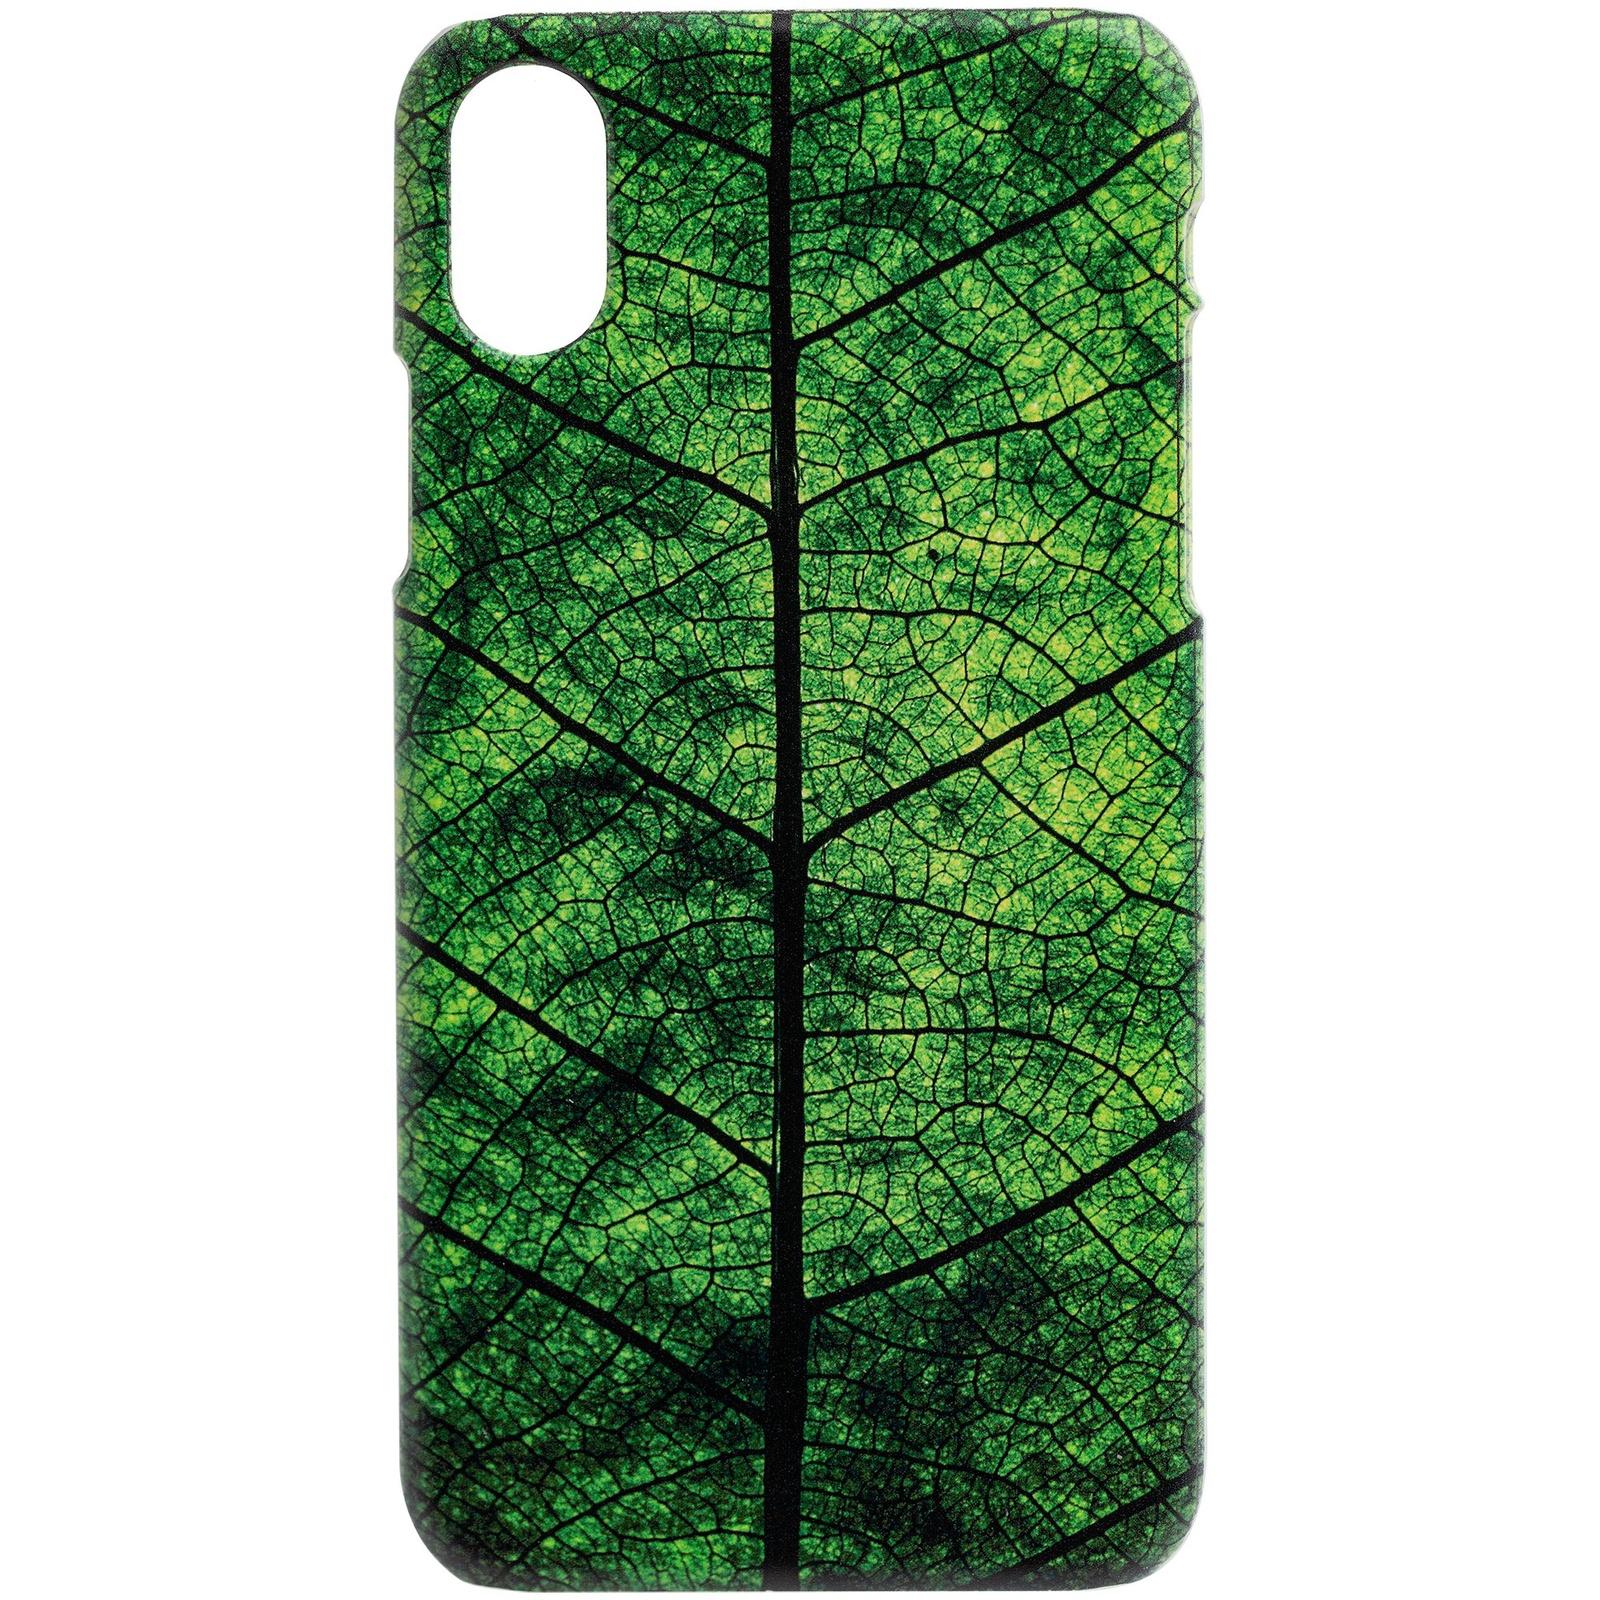 Чехол для сотового телефона Принтэссенция Evergreen, белый, зеленый автокосметика удаление царапин с пластика